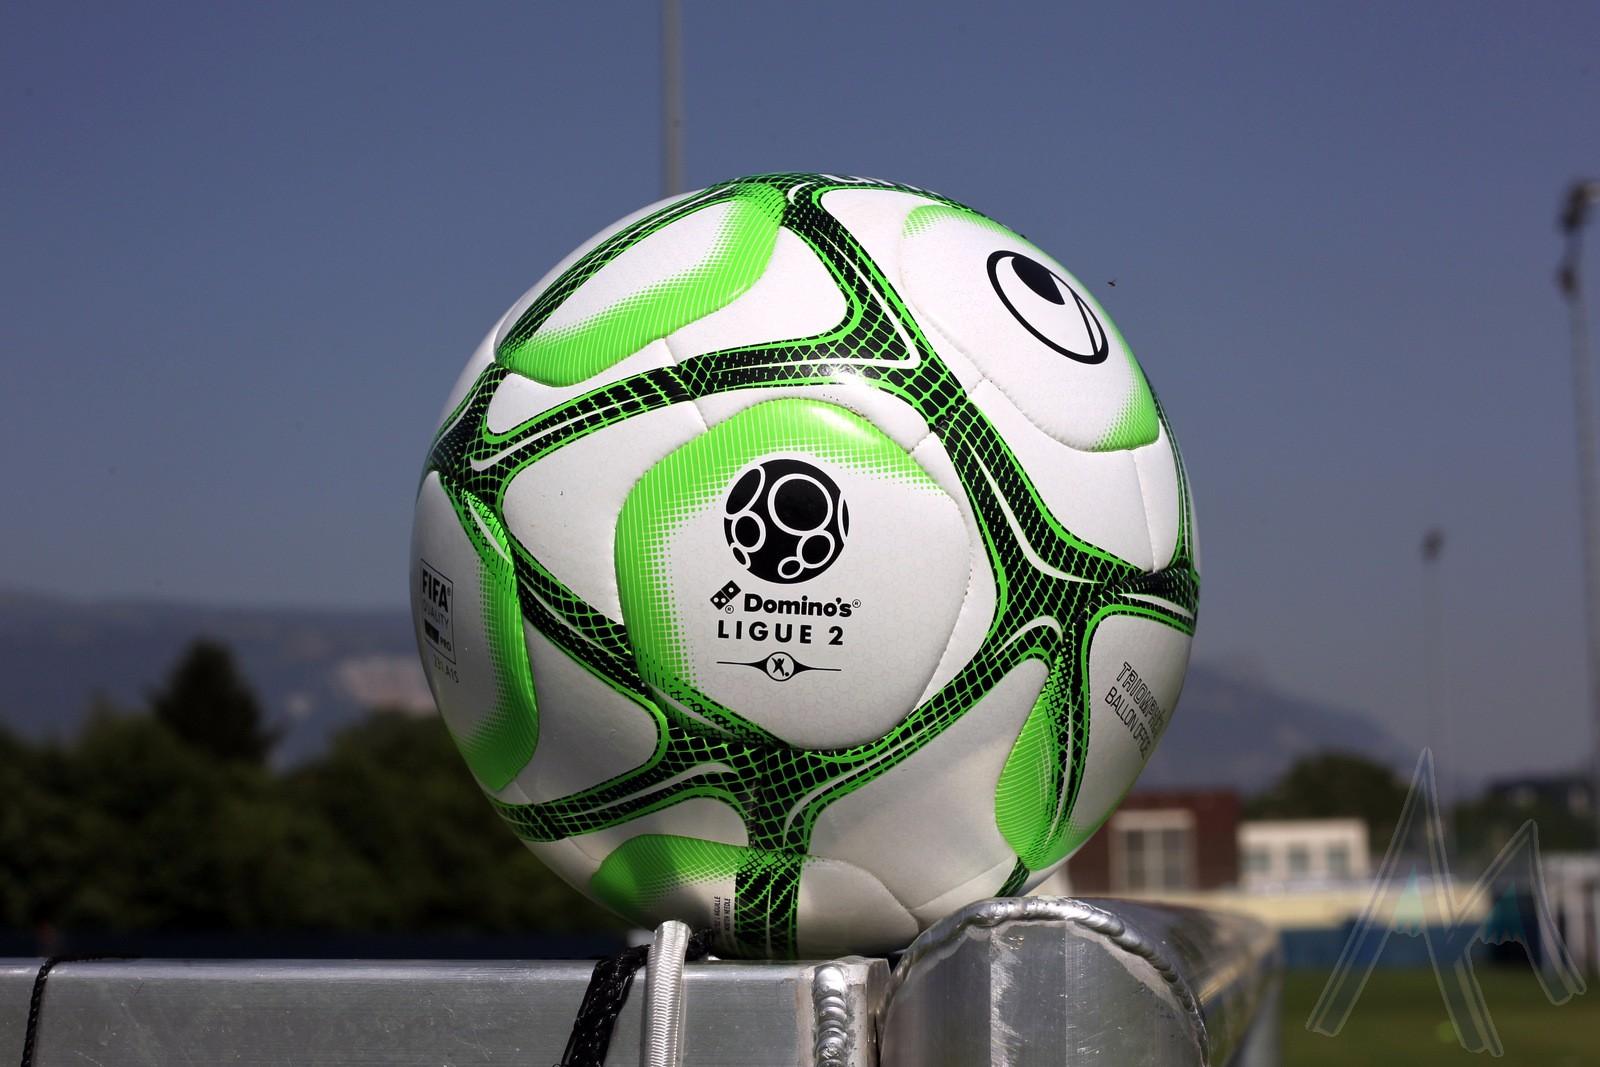 [Officiel] La FFF a validé les Ligues qui pourront faire monter une équipe en D2 Futsal, D2 Féminine et U19F